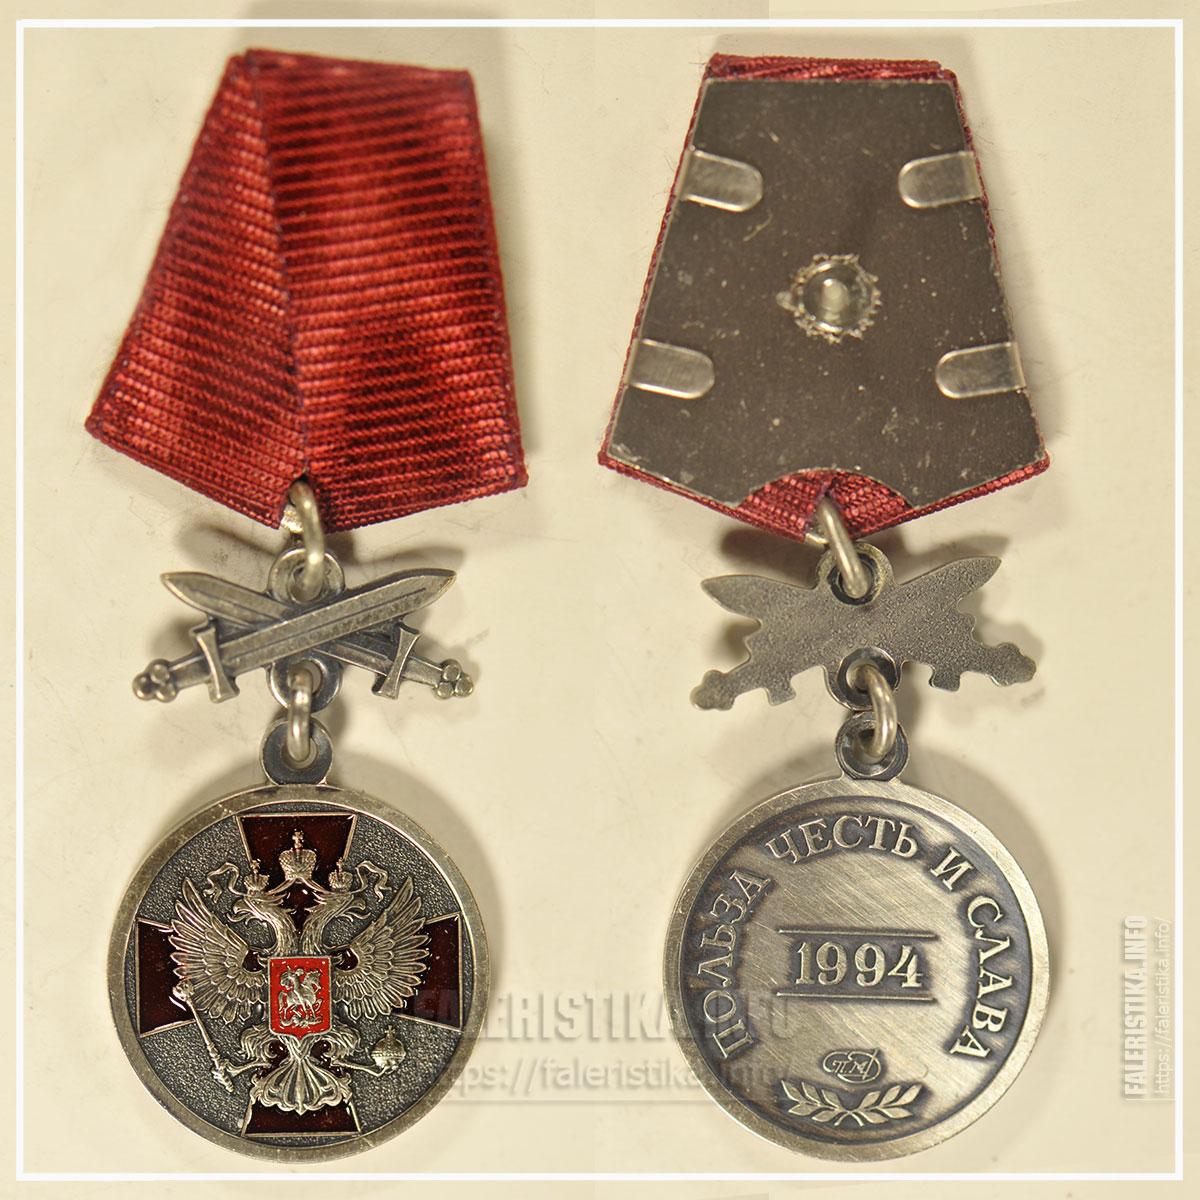 Медаль ордена «За заслуги перед Отечеством» II степени с мечами. Миниатюрная копия знака (фрачник). Санкт-Петербургский монетный двор